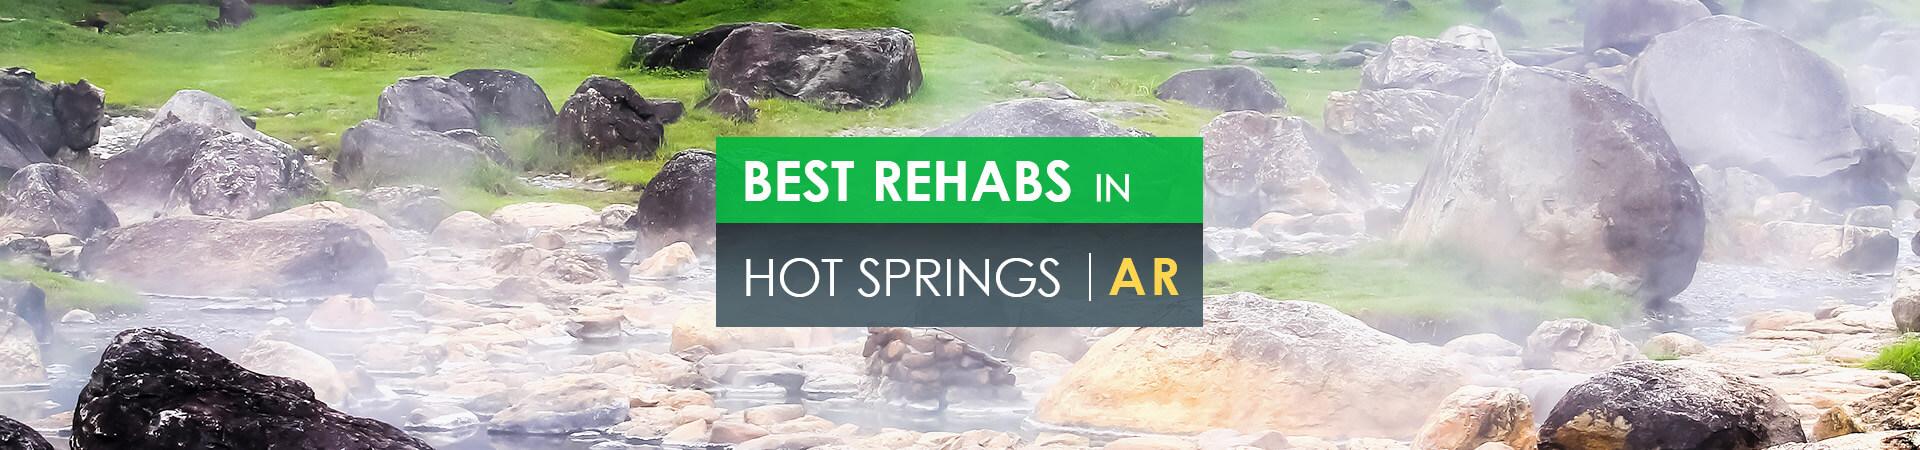 Best rehabs in Hot Springs, AR